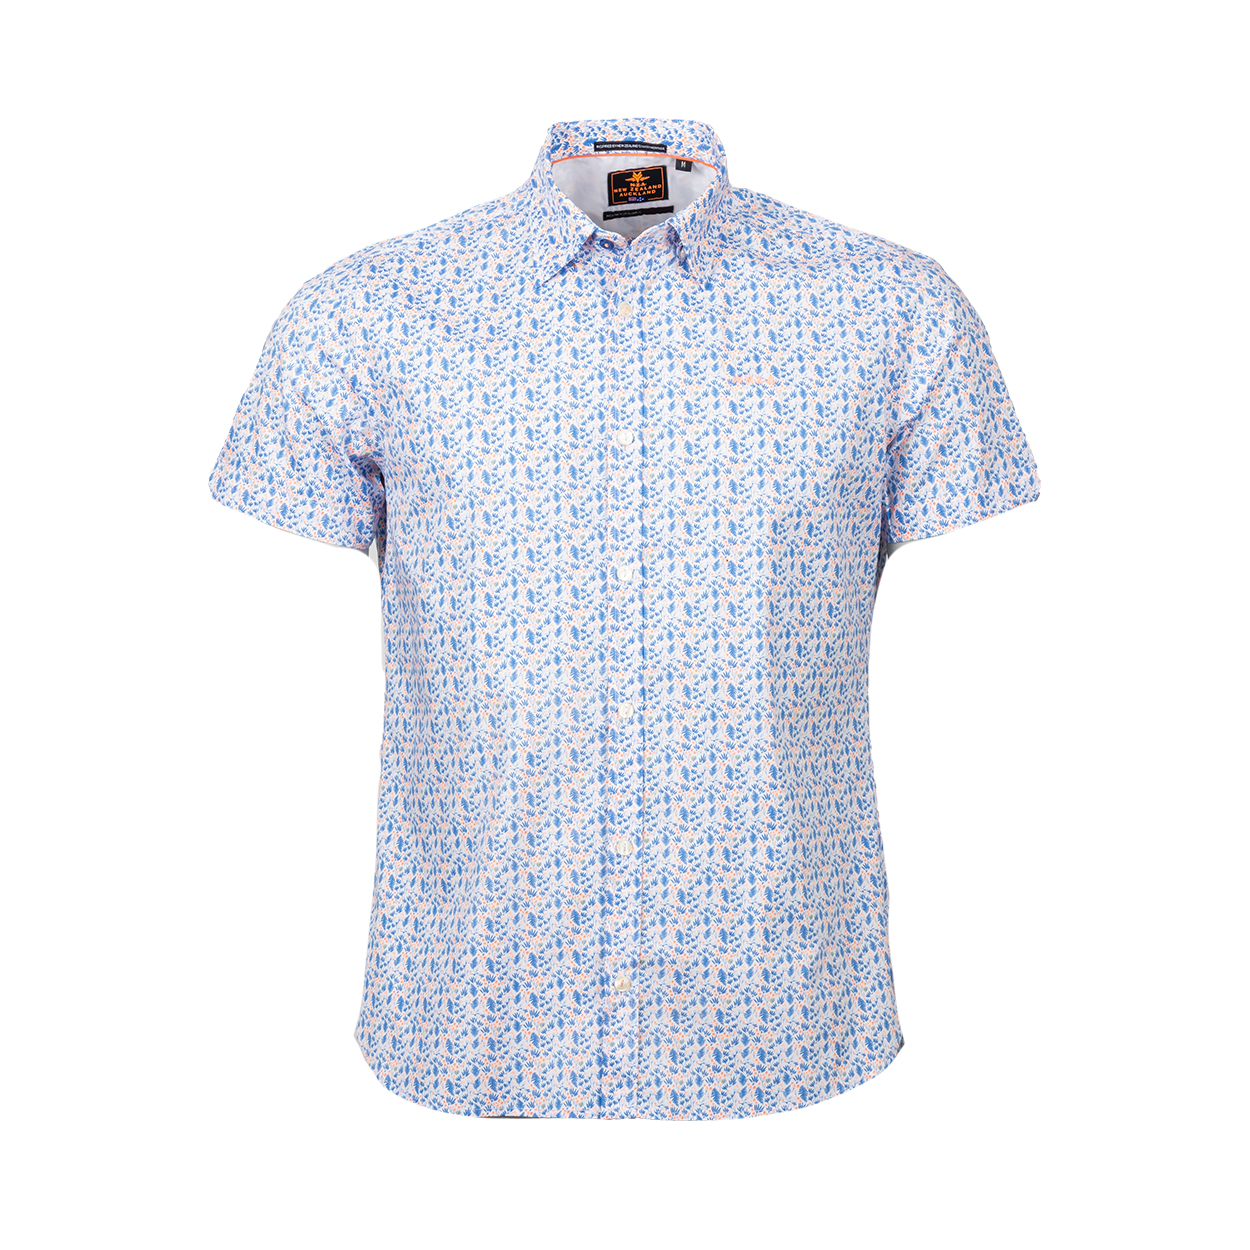 Chemise ajustée manches courtes NZA Fairlie en coton stretch blanc à motifs bleus et orange fluo